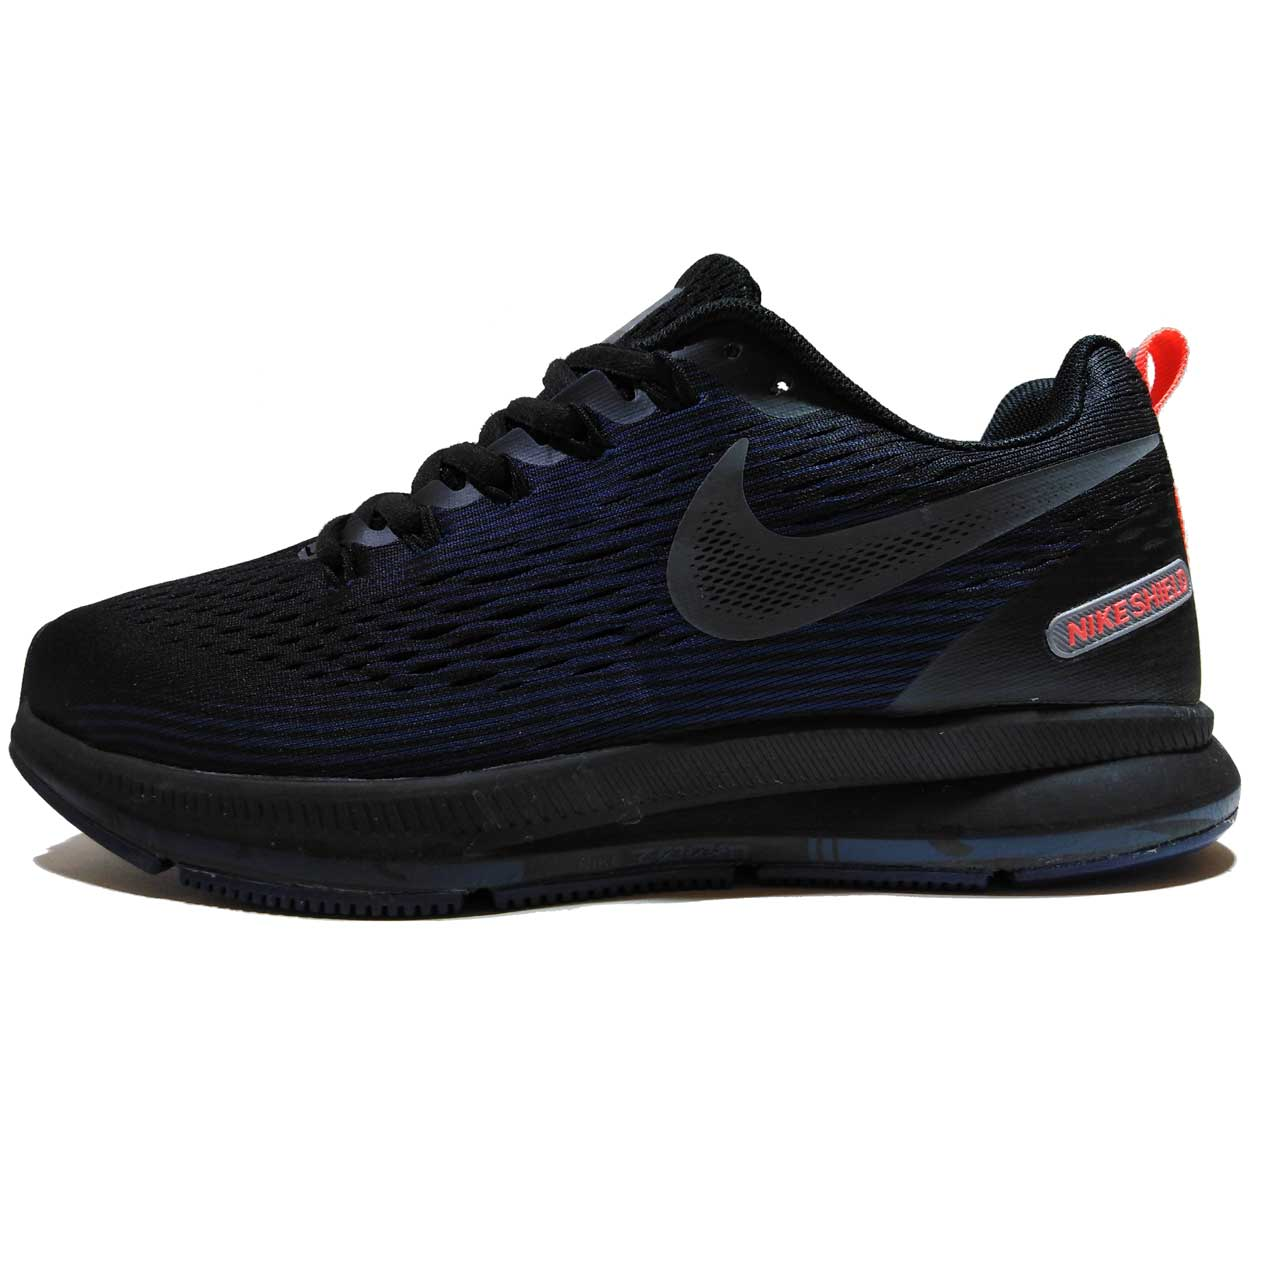 کفش مخصوص دویدن مردانه مدلAir Zoom Pegasus 34B008